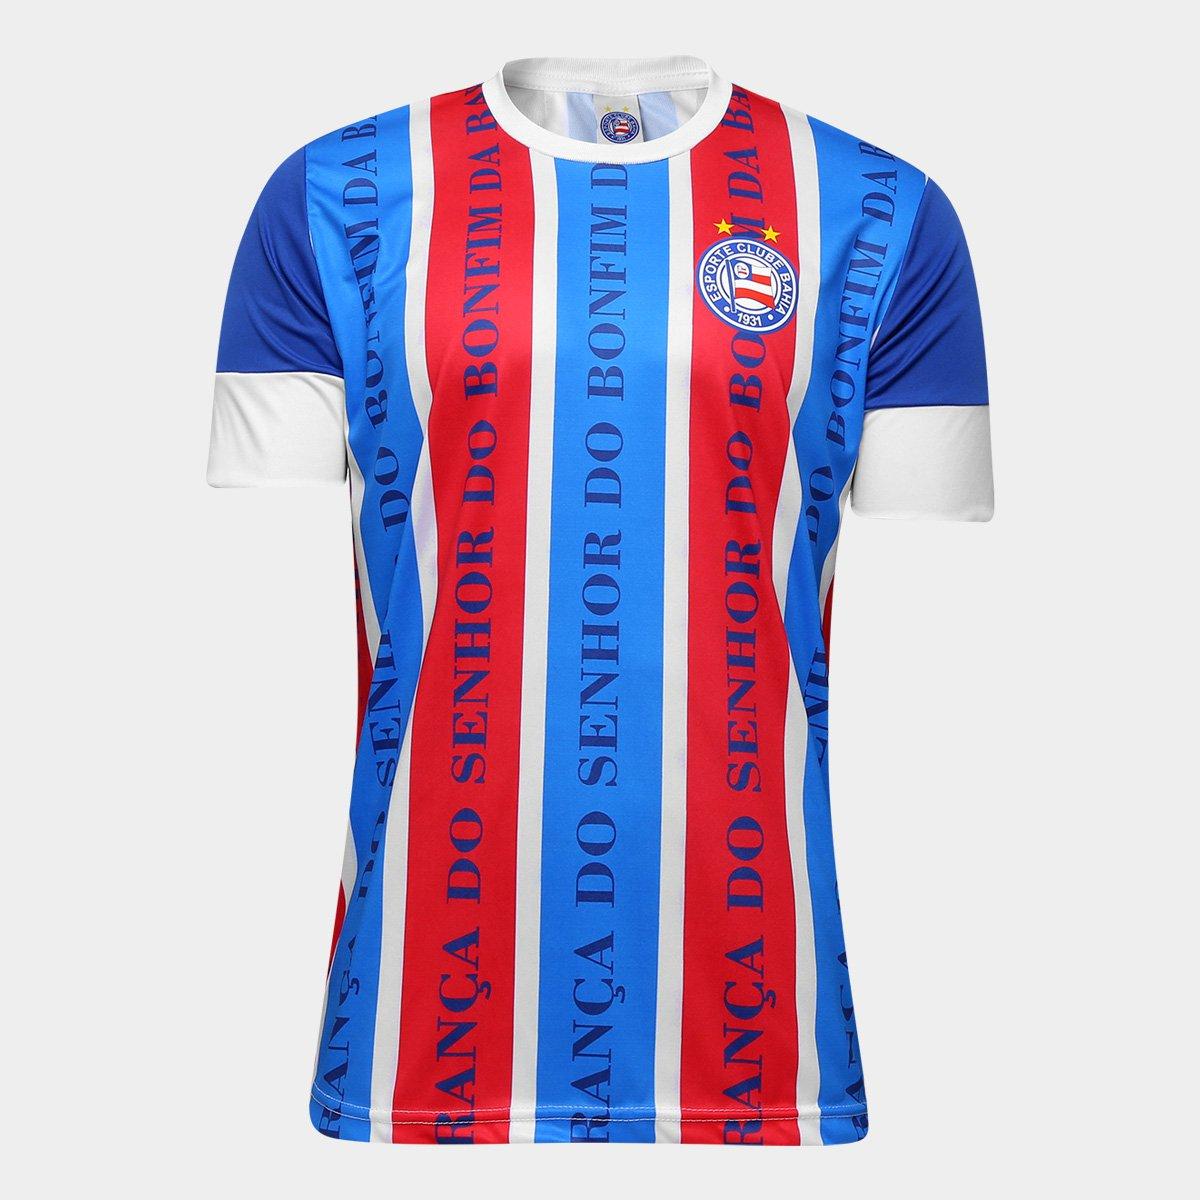 Camisa Bahia Senhor do Bonfim - Edição Limitada Masculina - Compre ... f4932af99bb4d